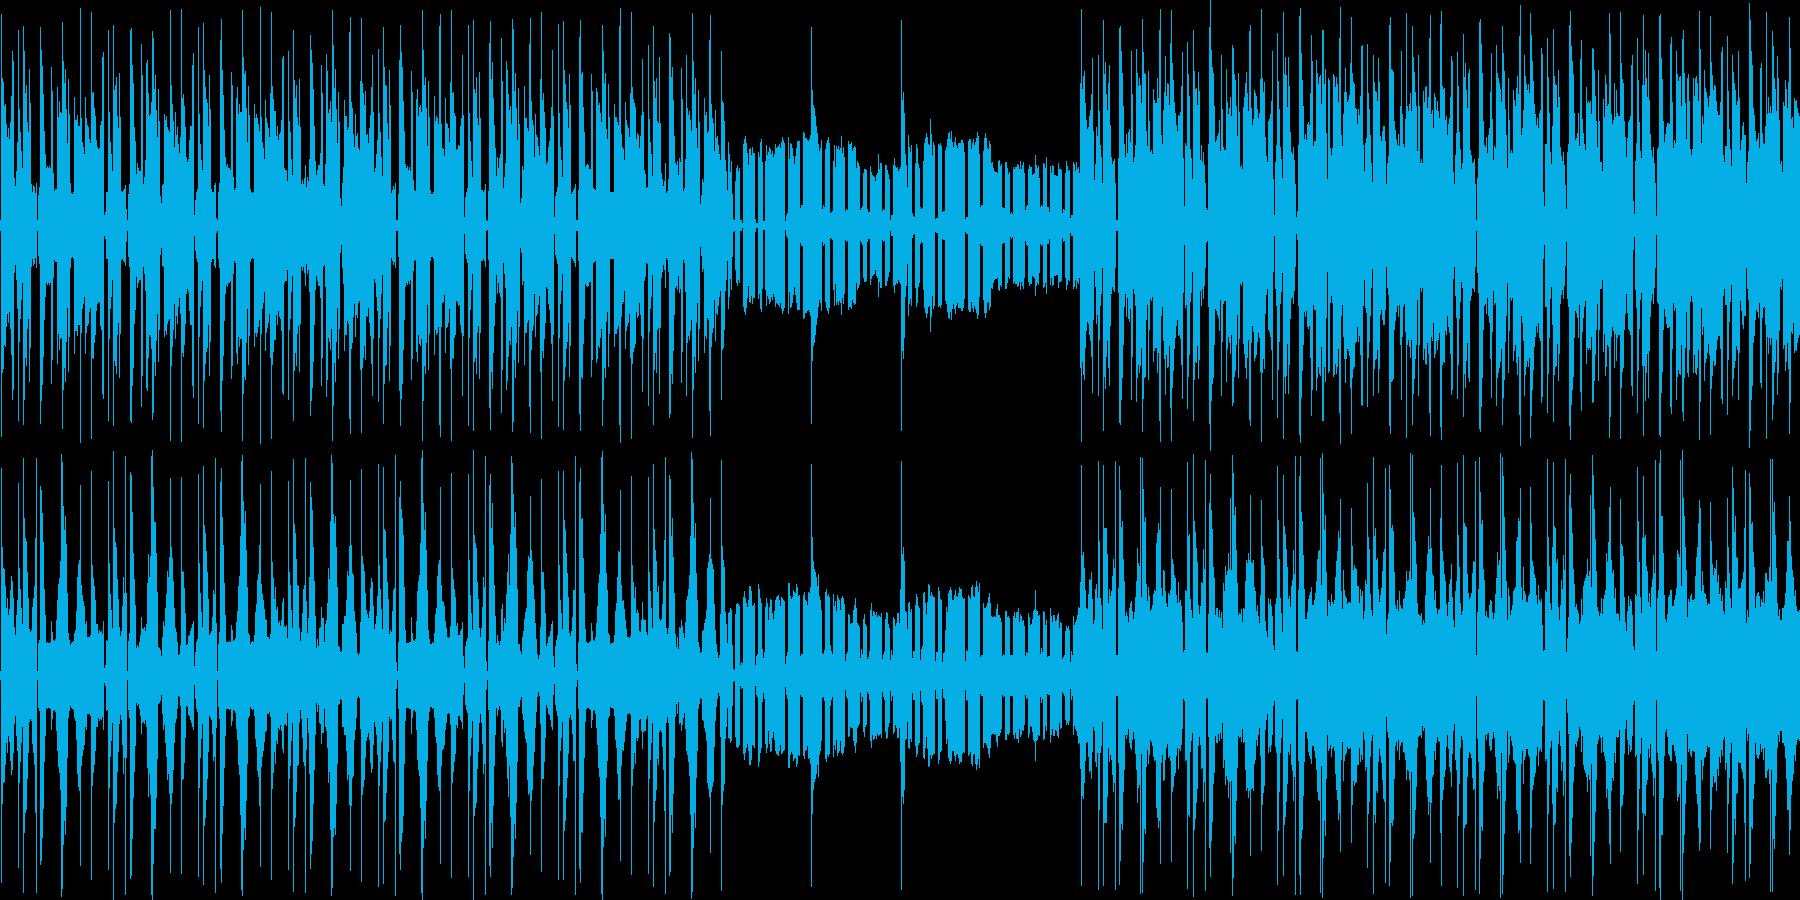 【エレクトロニカ日常系BGMほのぼの】の再生済みの波形